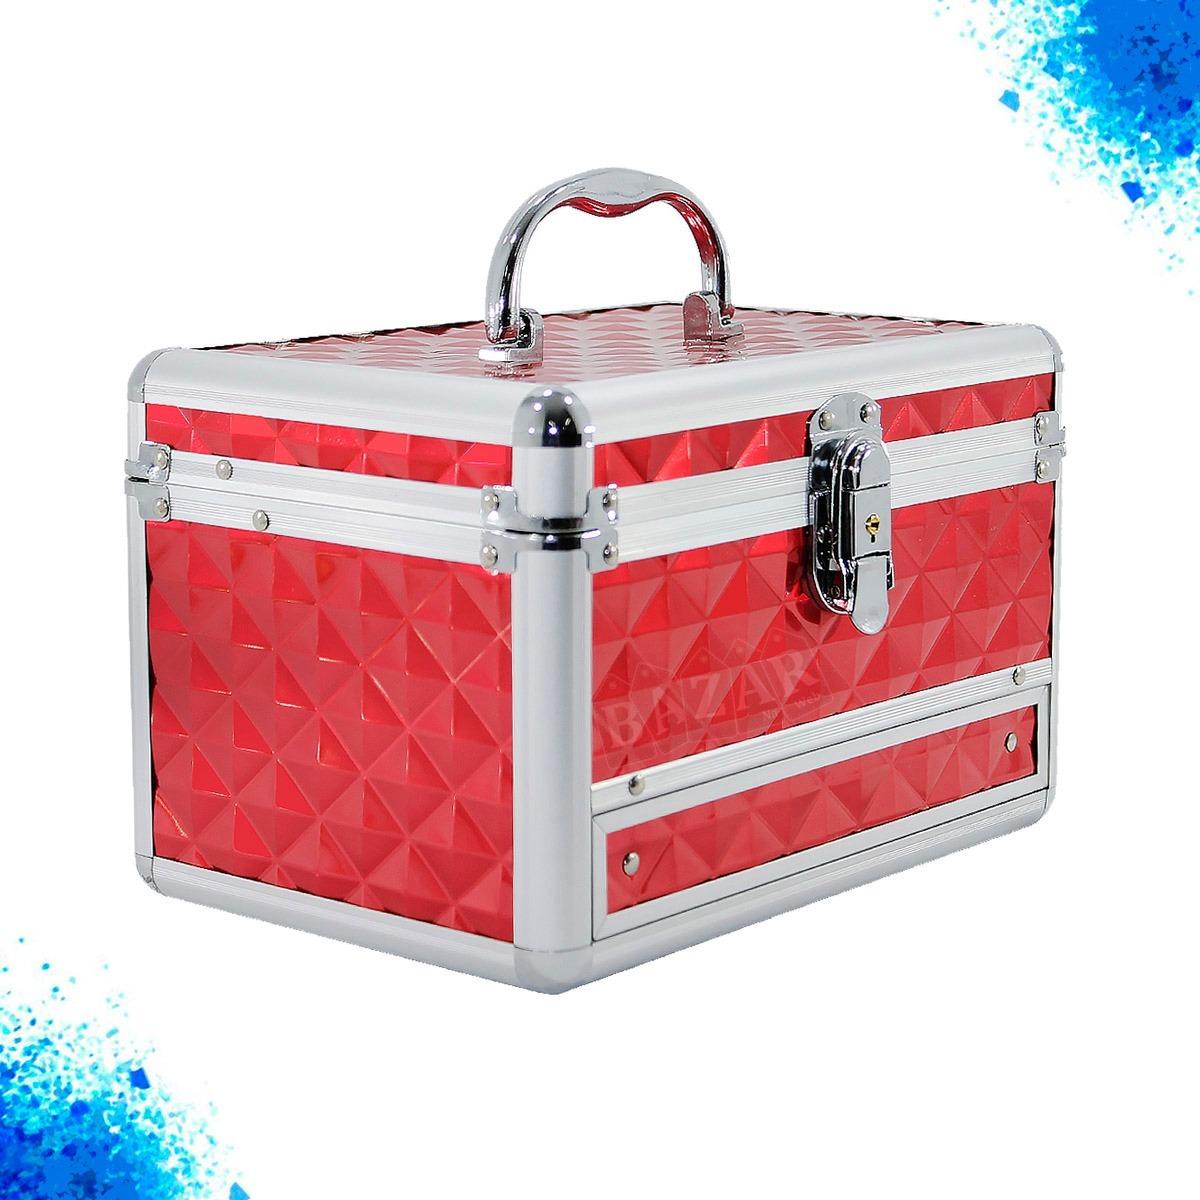 eb4f58c96 maleta maquiagem e joias retrátil vazia cisne vermelha 5140m. Carregando  zoom.